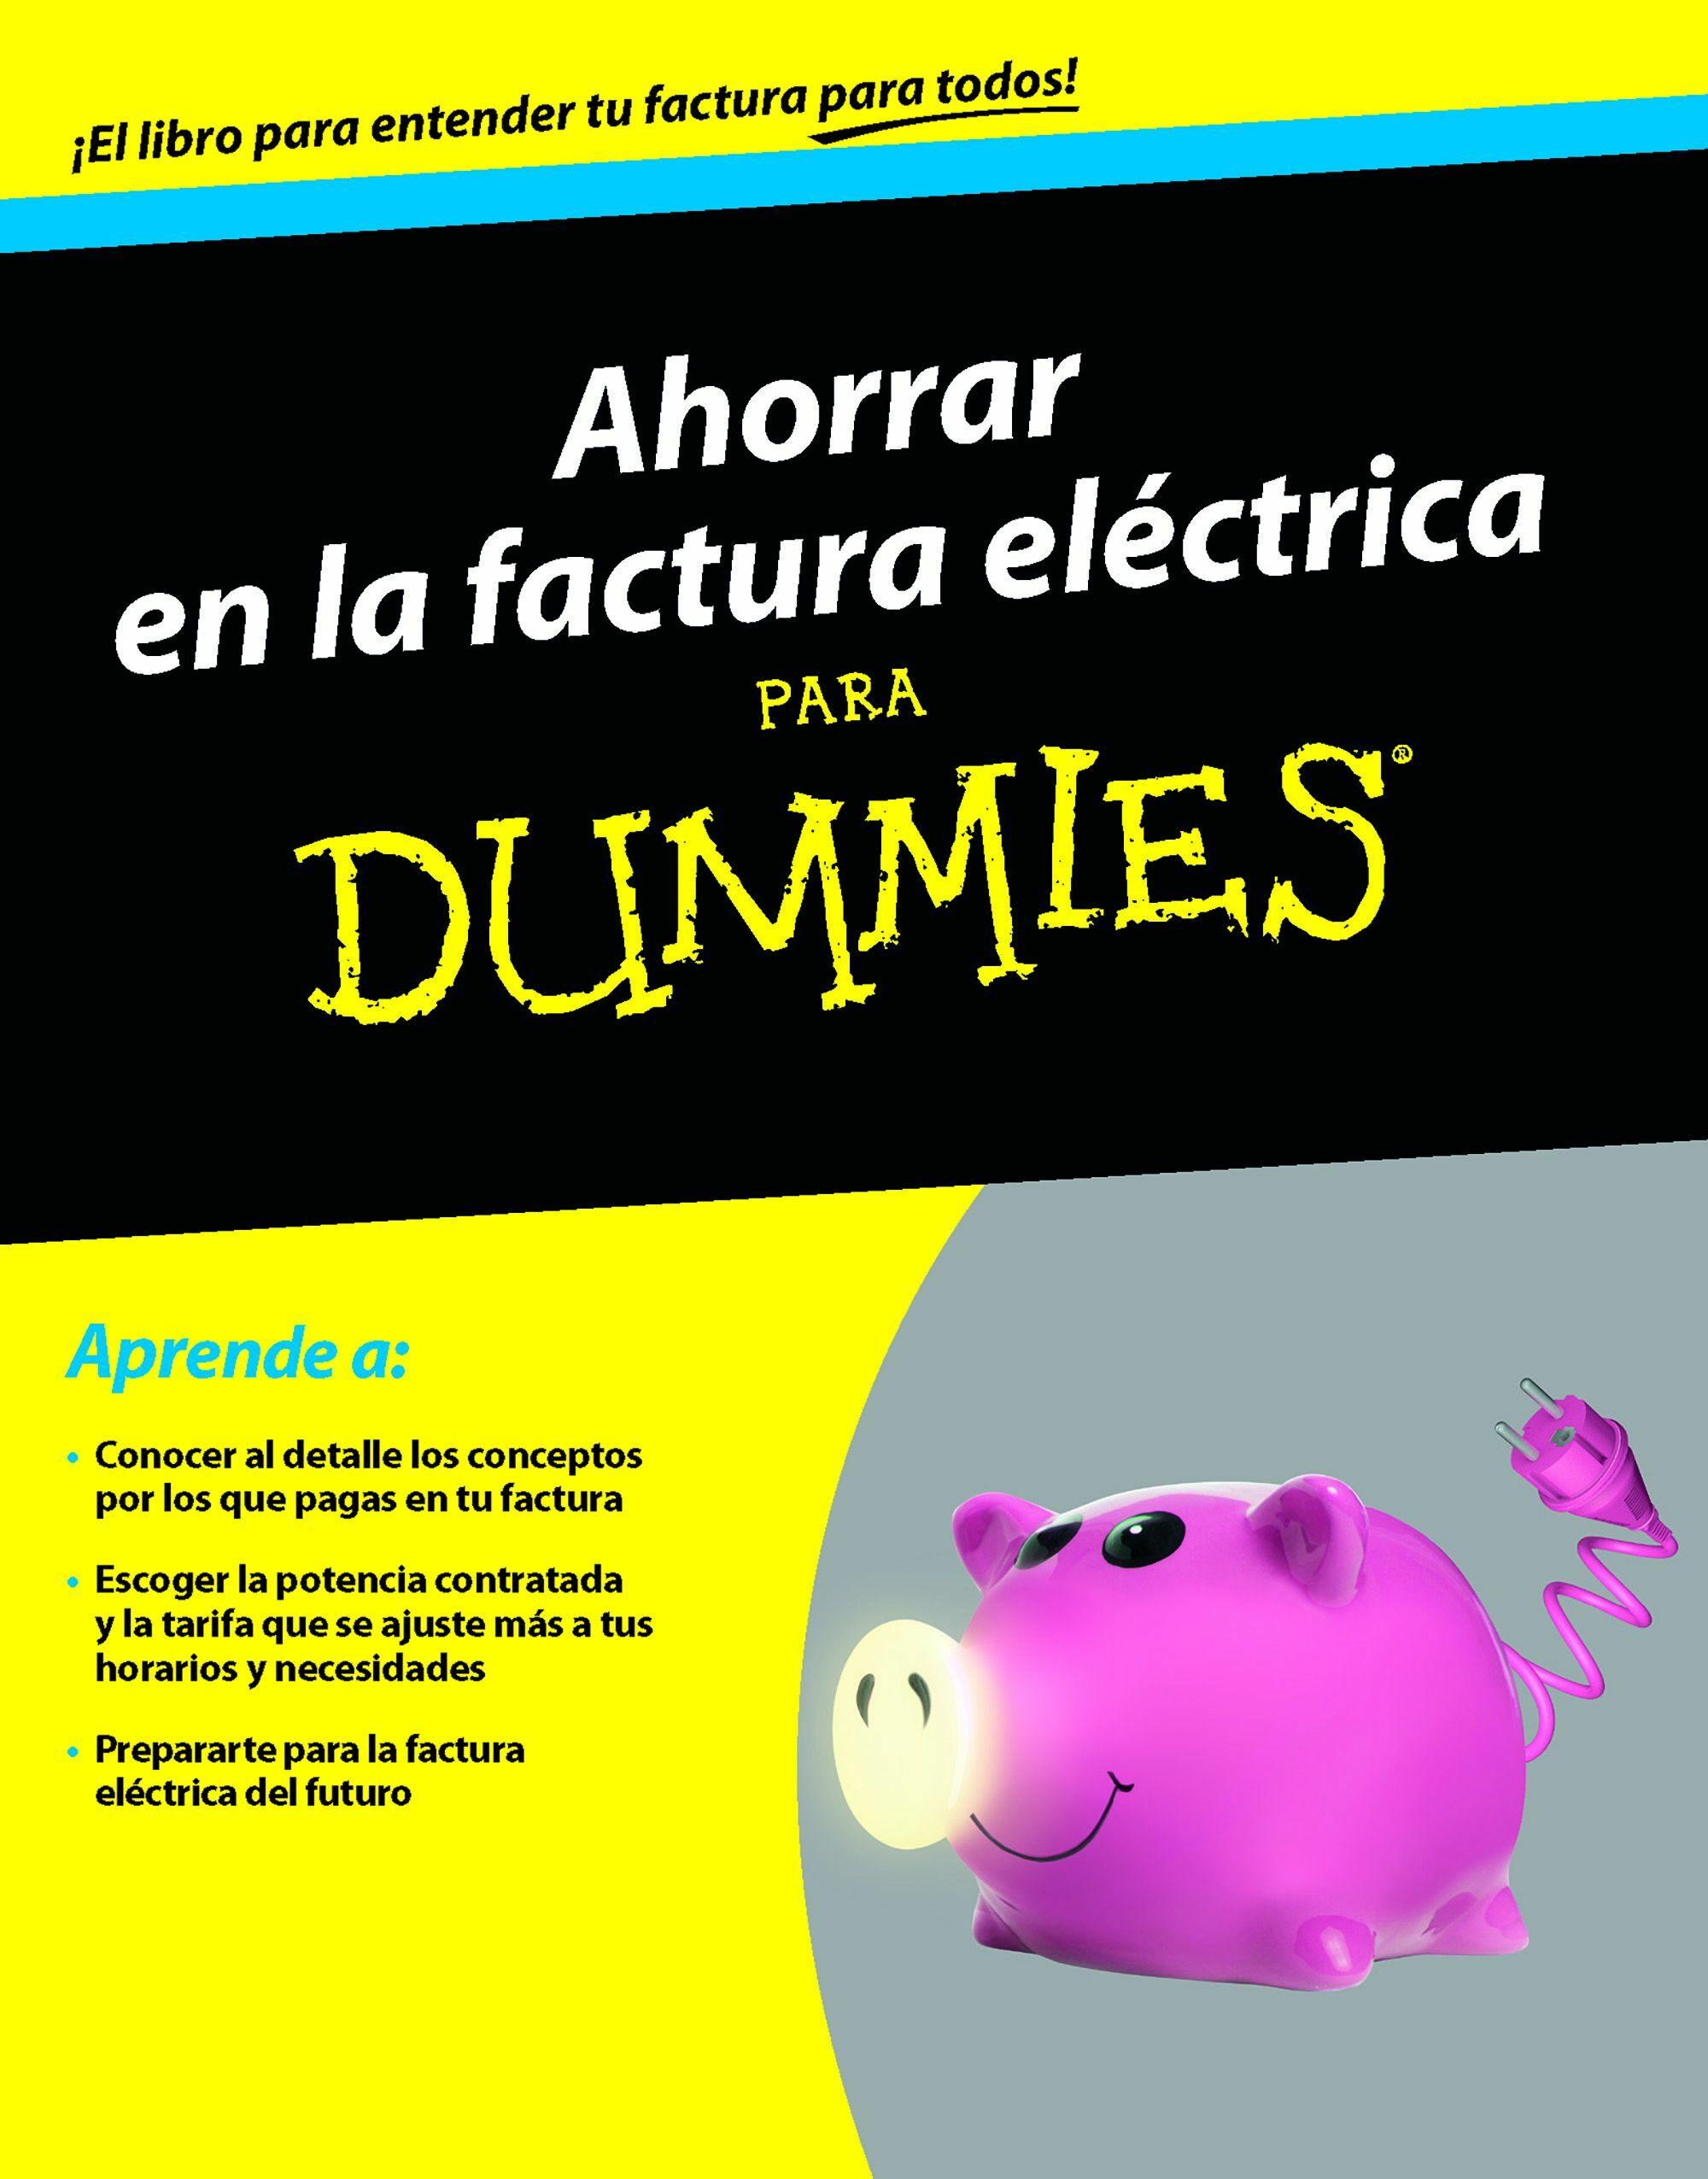 Buscando un libro como electricista para maniquíes